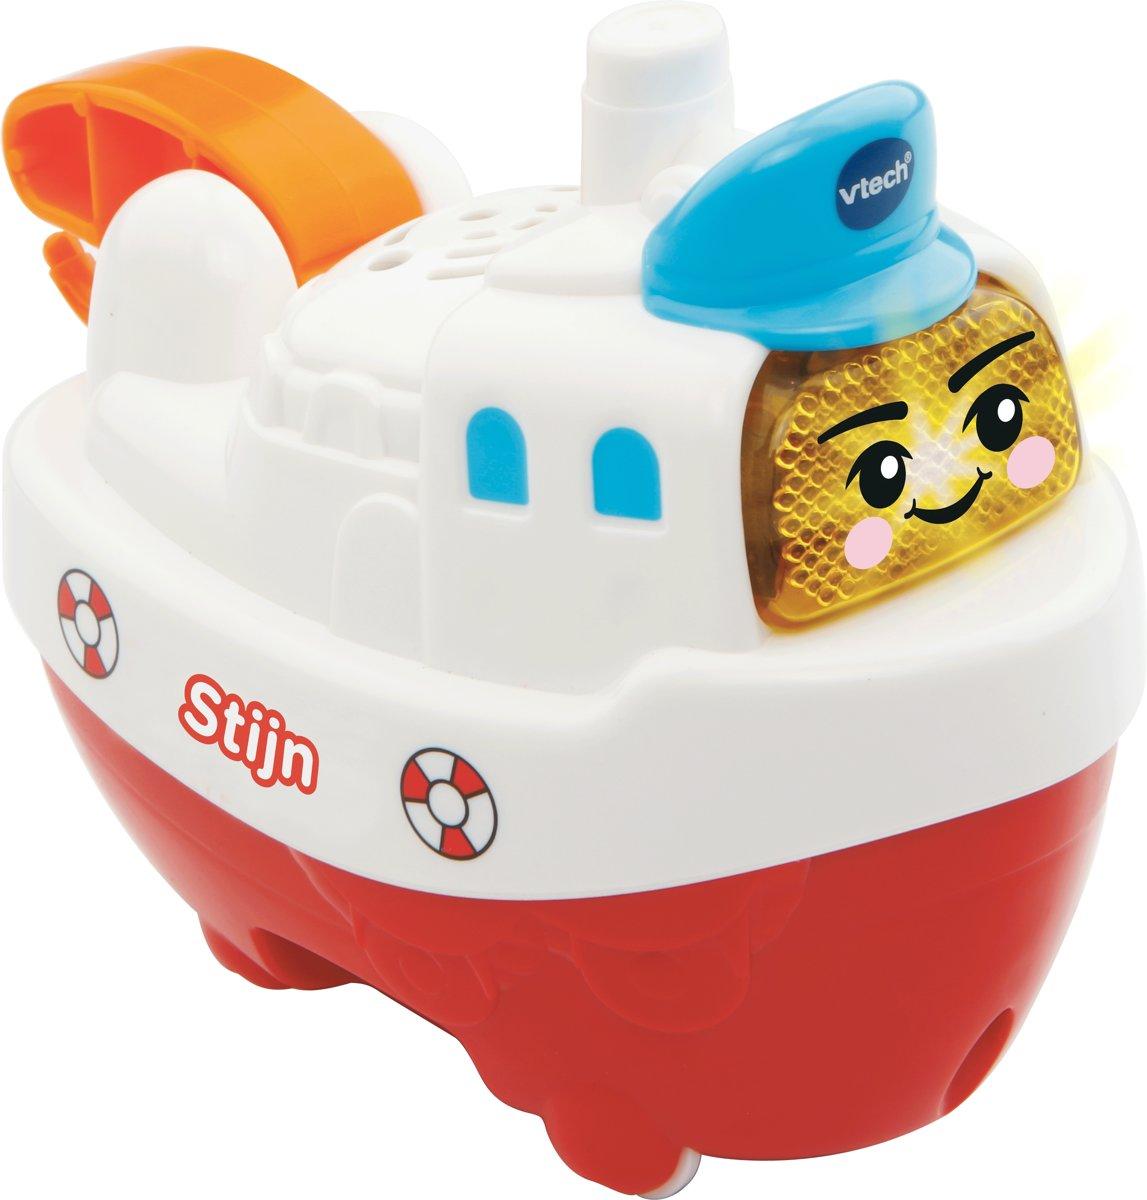 Blub Blub Bad - Stijn Sleepboot